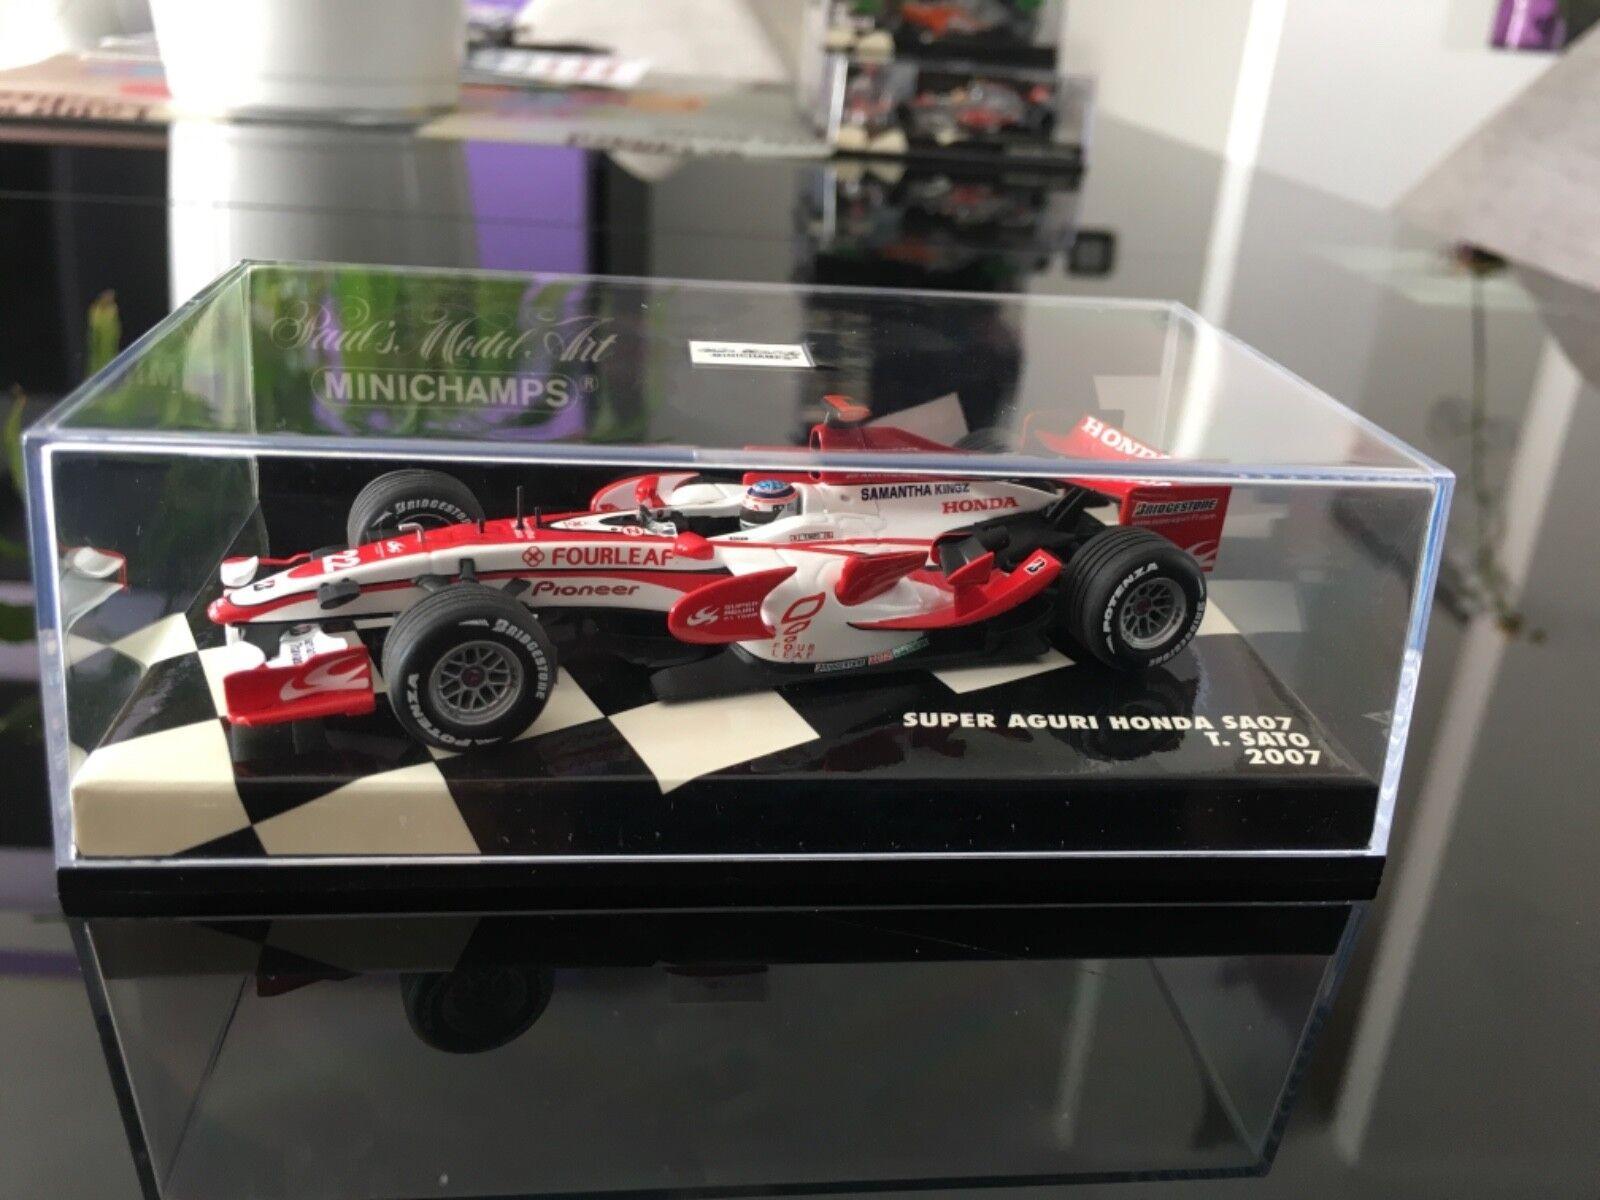 Minichamps 1 43 Super Aguri Honda SA07 GP 2007 T. Sato